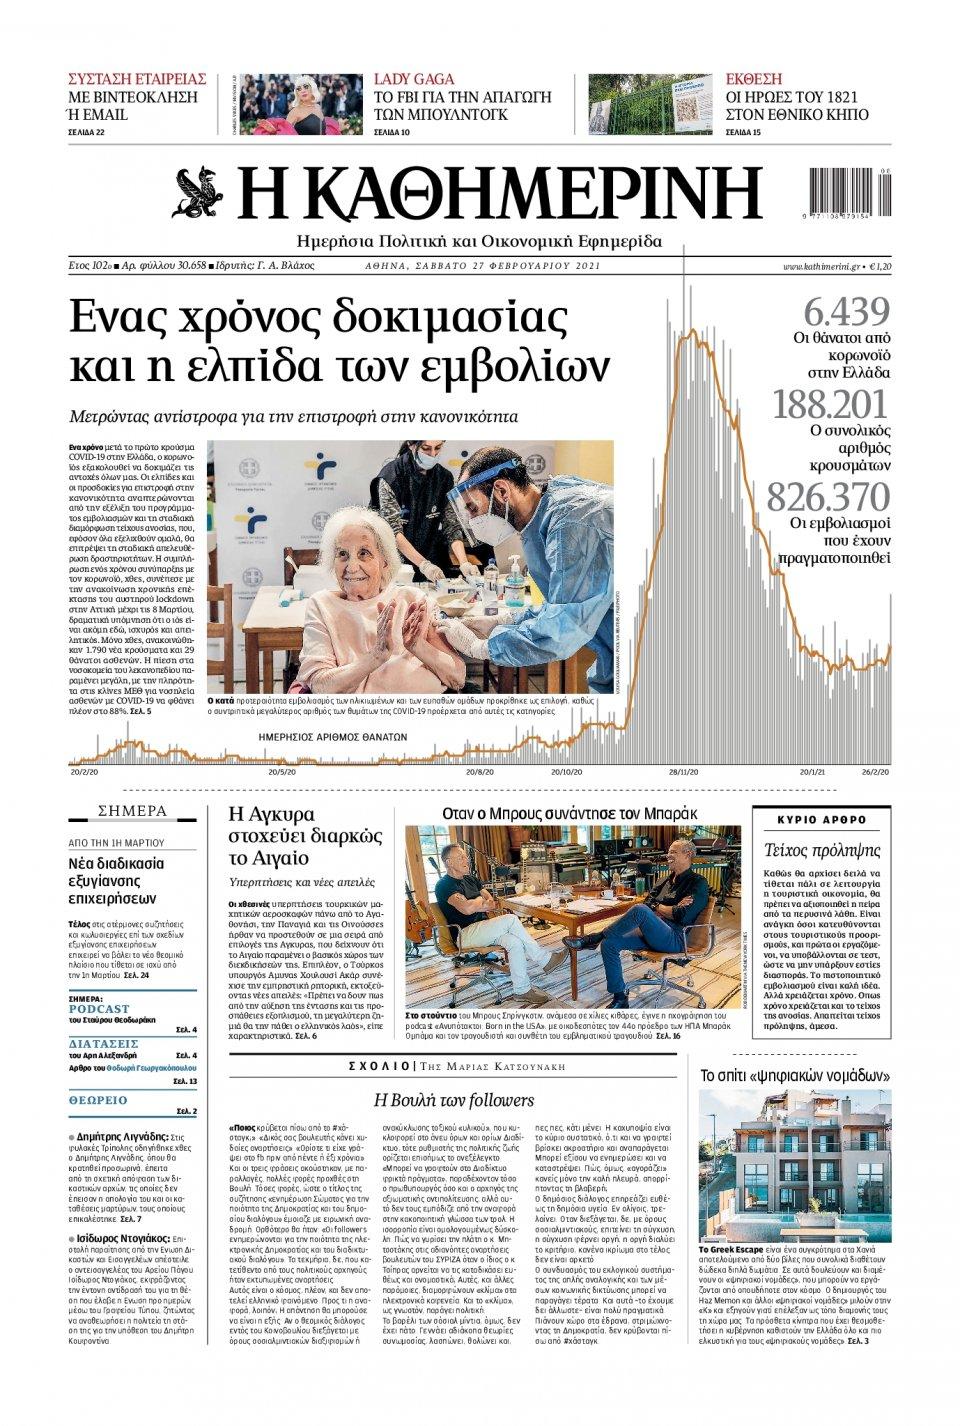 Πρωτοσέλιδο Εφημερίδας - Καθημερινή - 2021-02-27